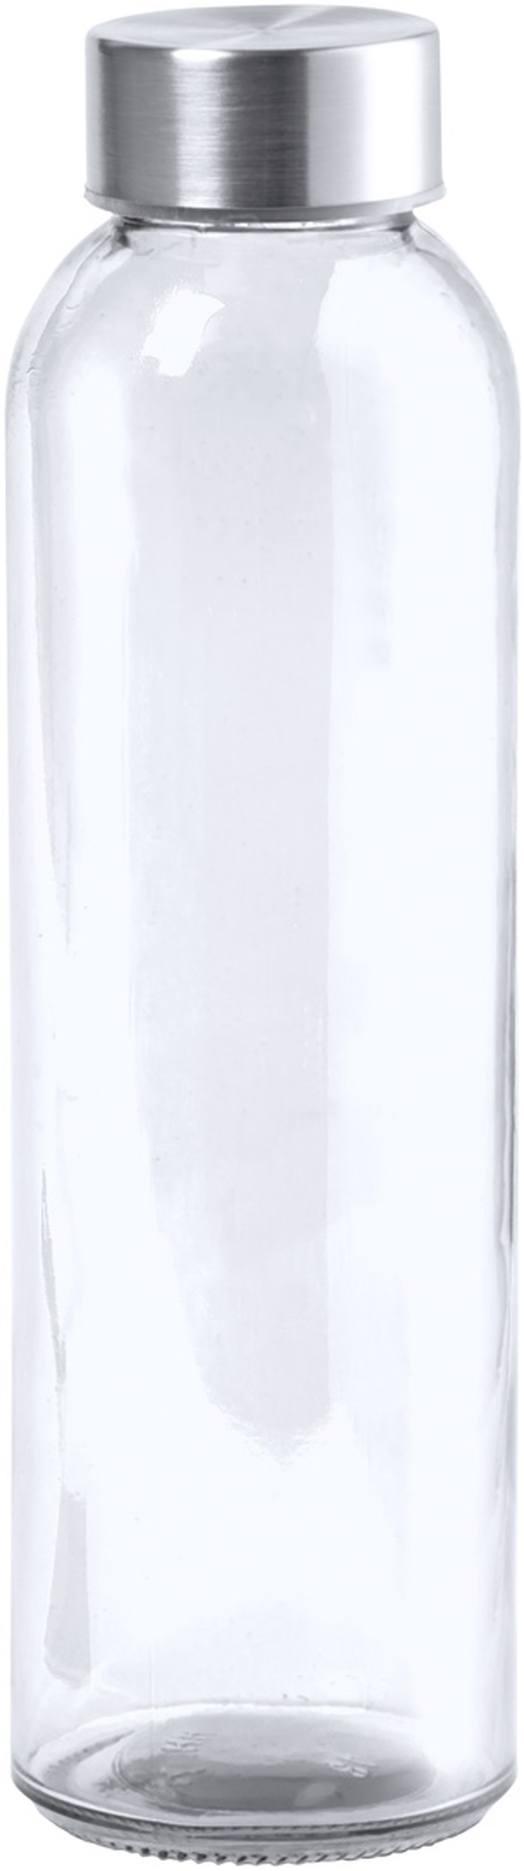 Terkol sportovní láhev na pití